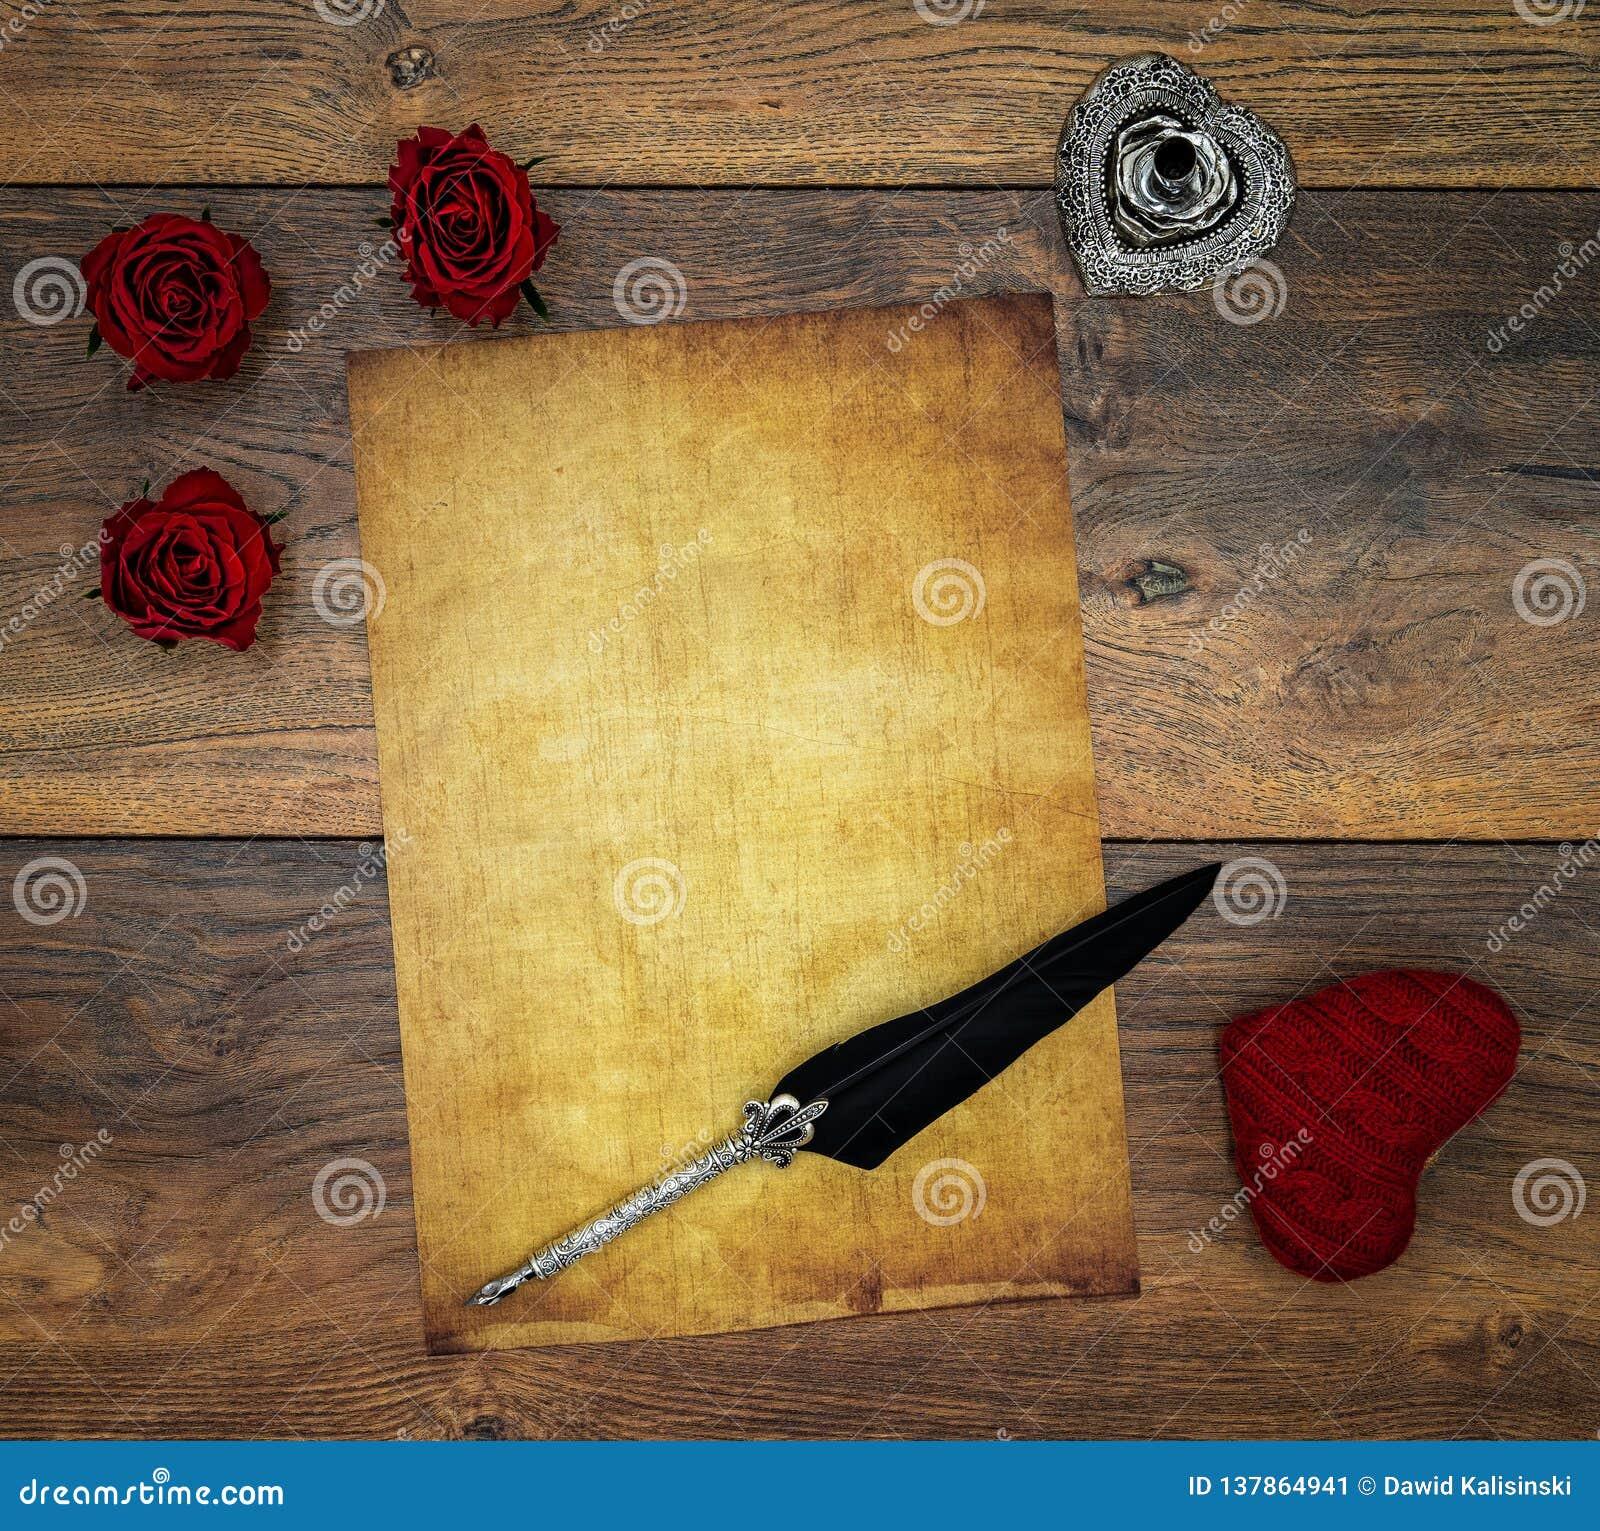 Lege uitstekende kaart met rood knuffelhert, rode rozen, inkt en schacht op uitstekende eik, liefdebrief op antieke eik - hoogste